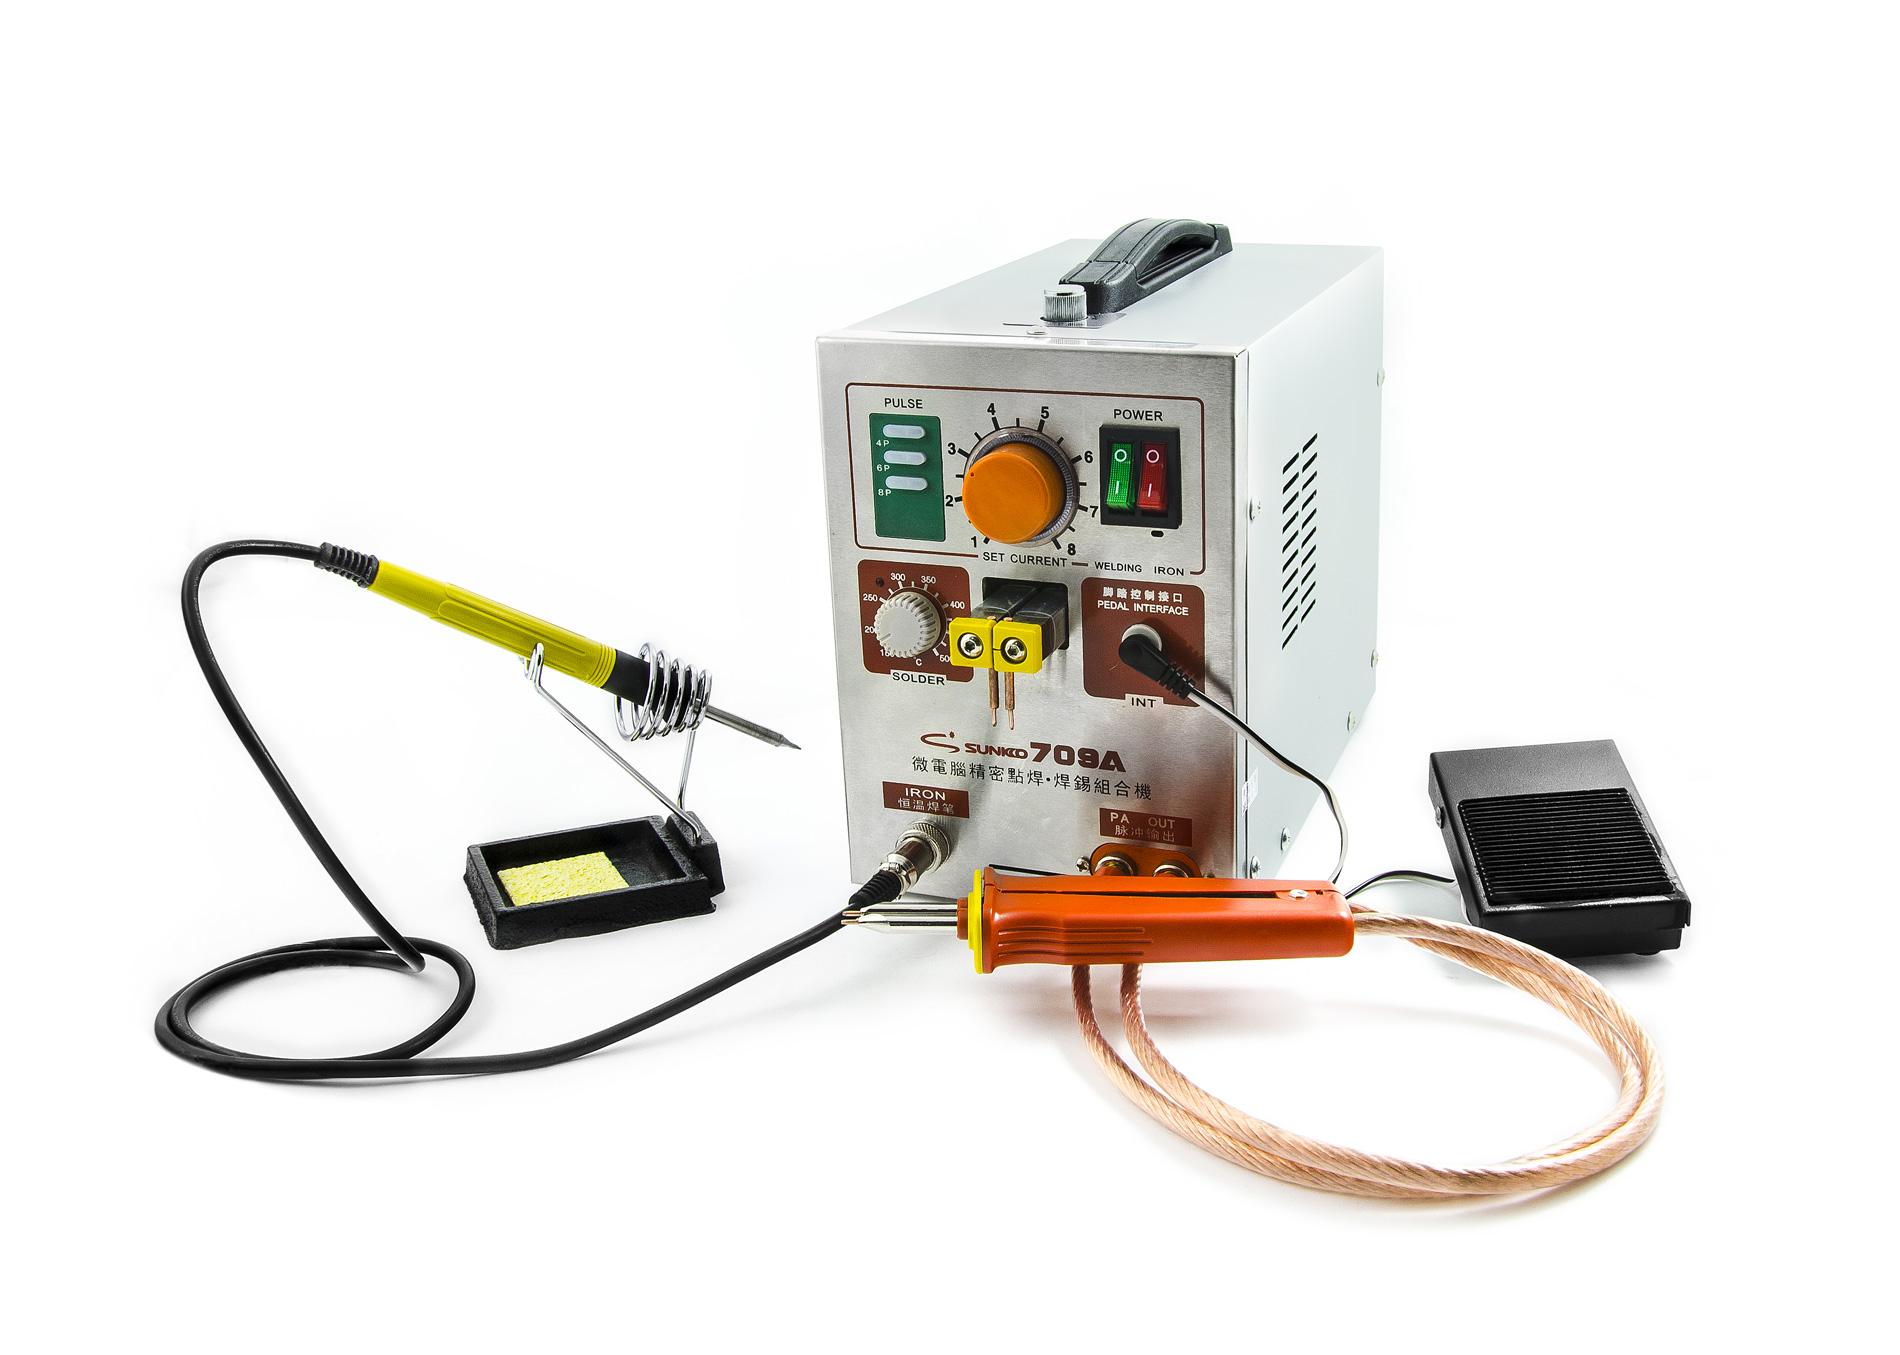 Bodová svářečka kontaktů baterií a aku packů Sunkko 709A s mikropájkou